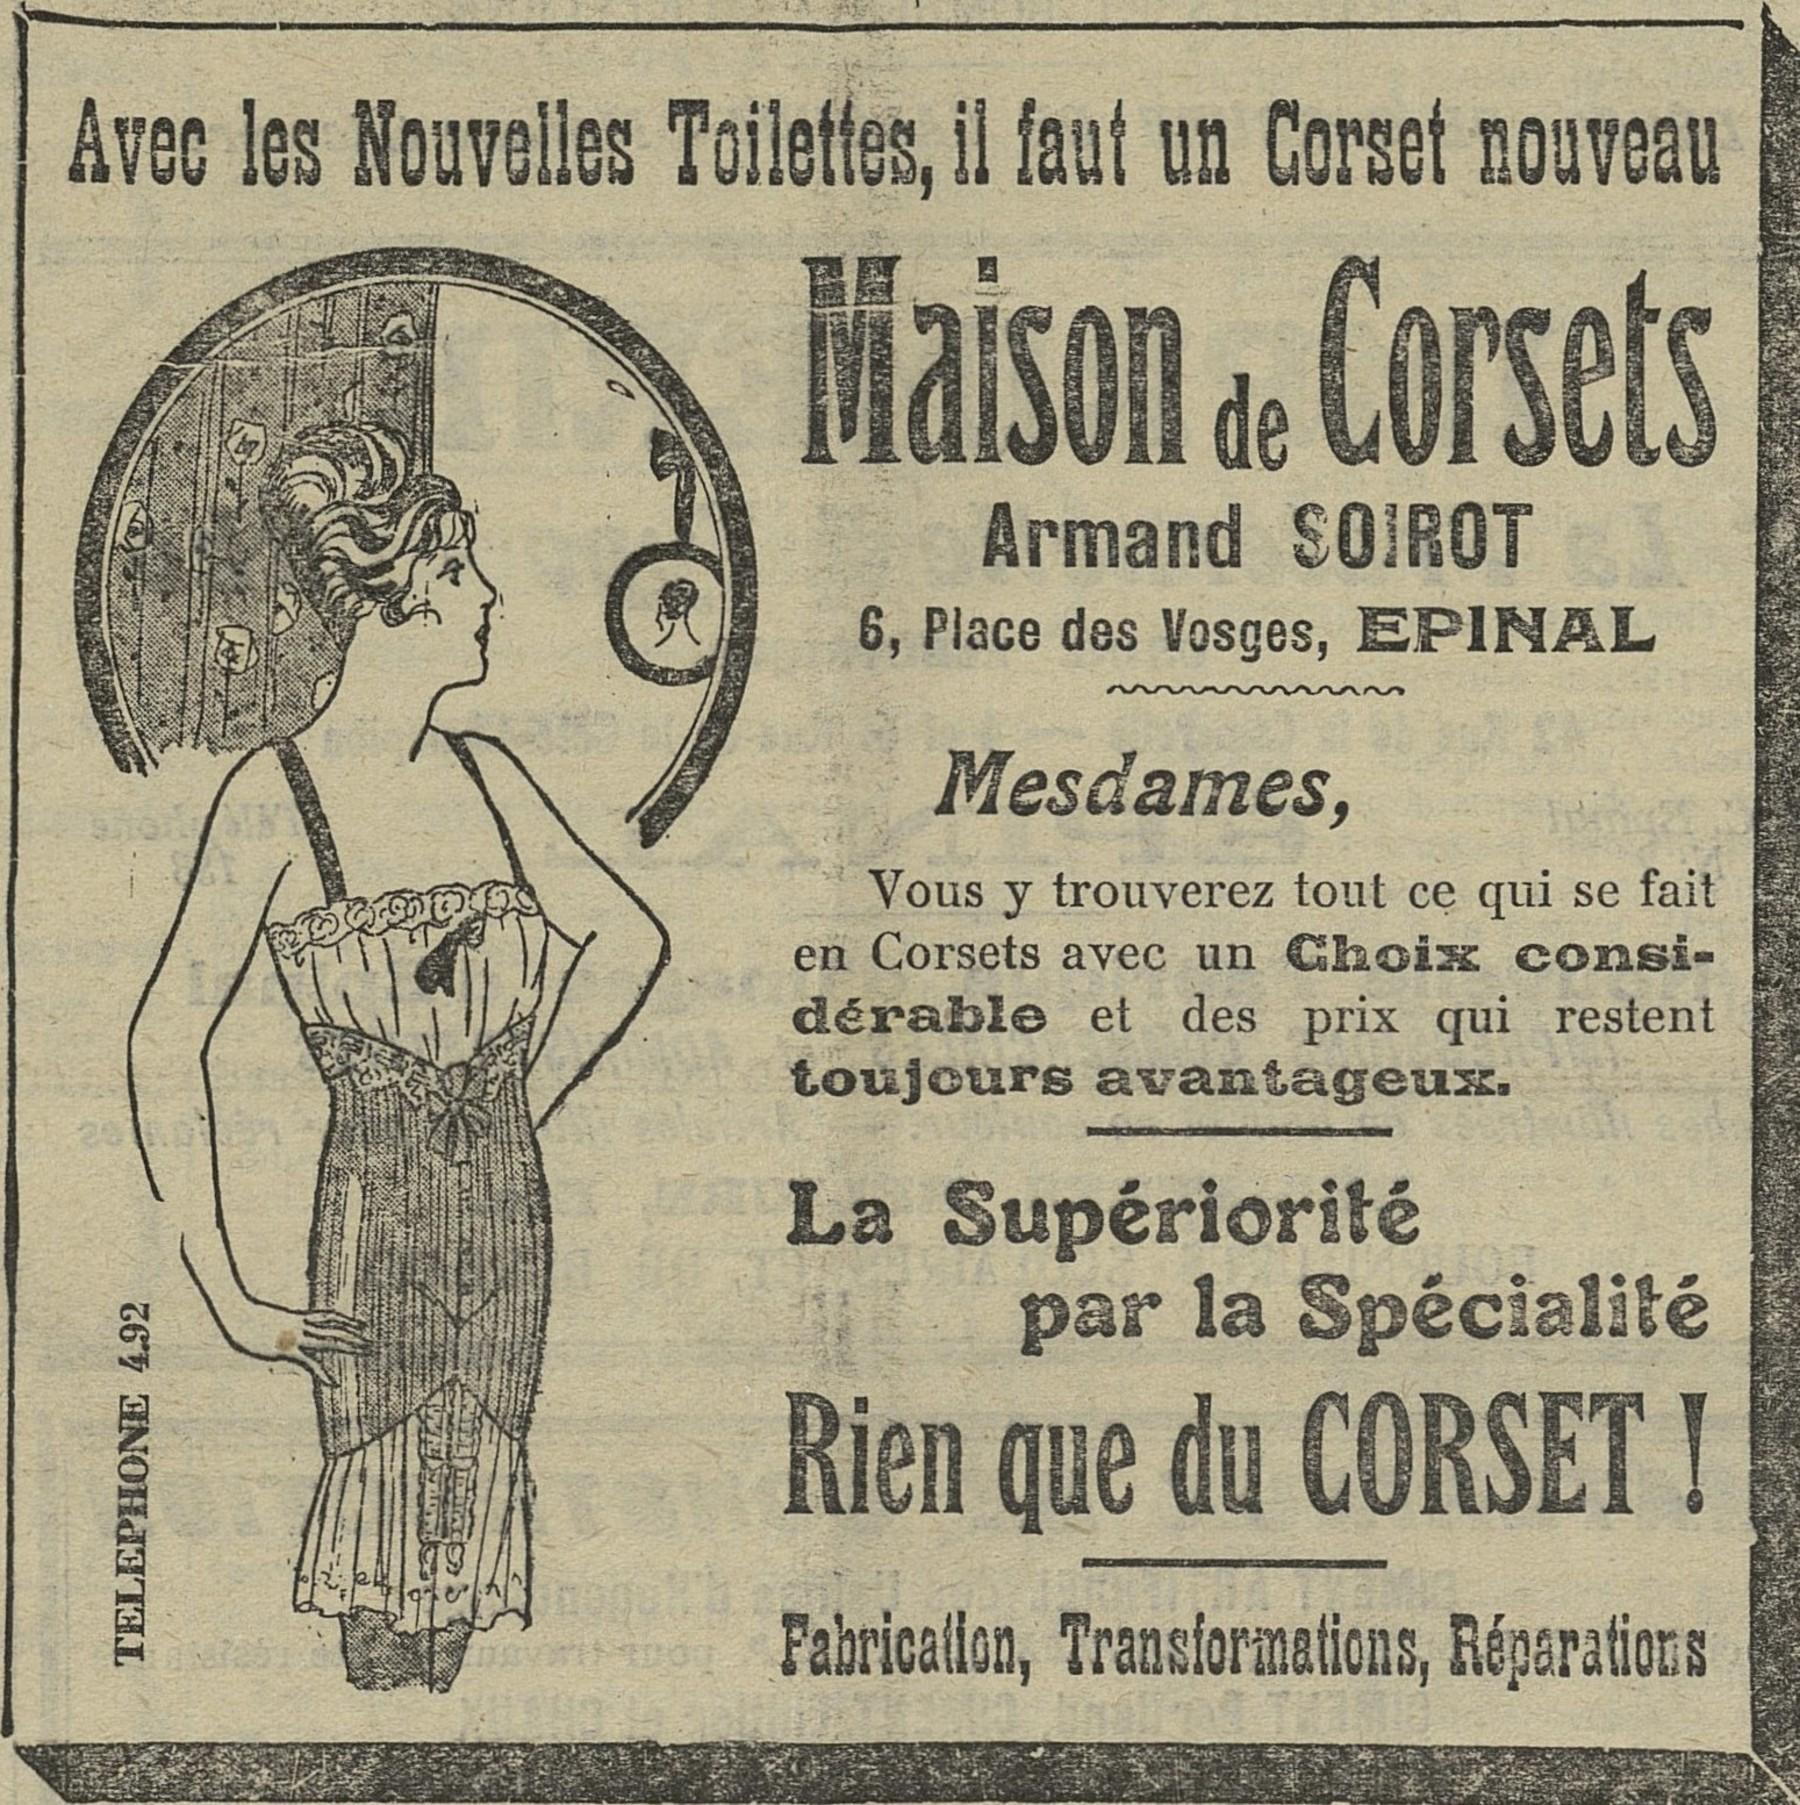 Contenu du Maison de Corsets